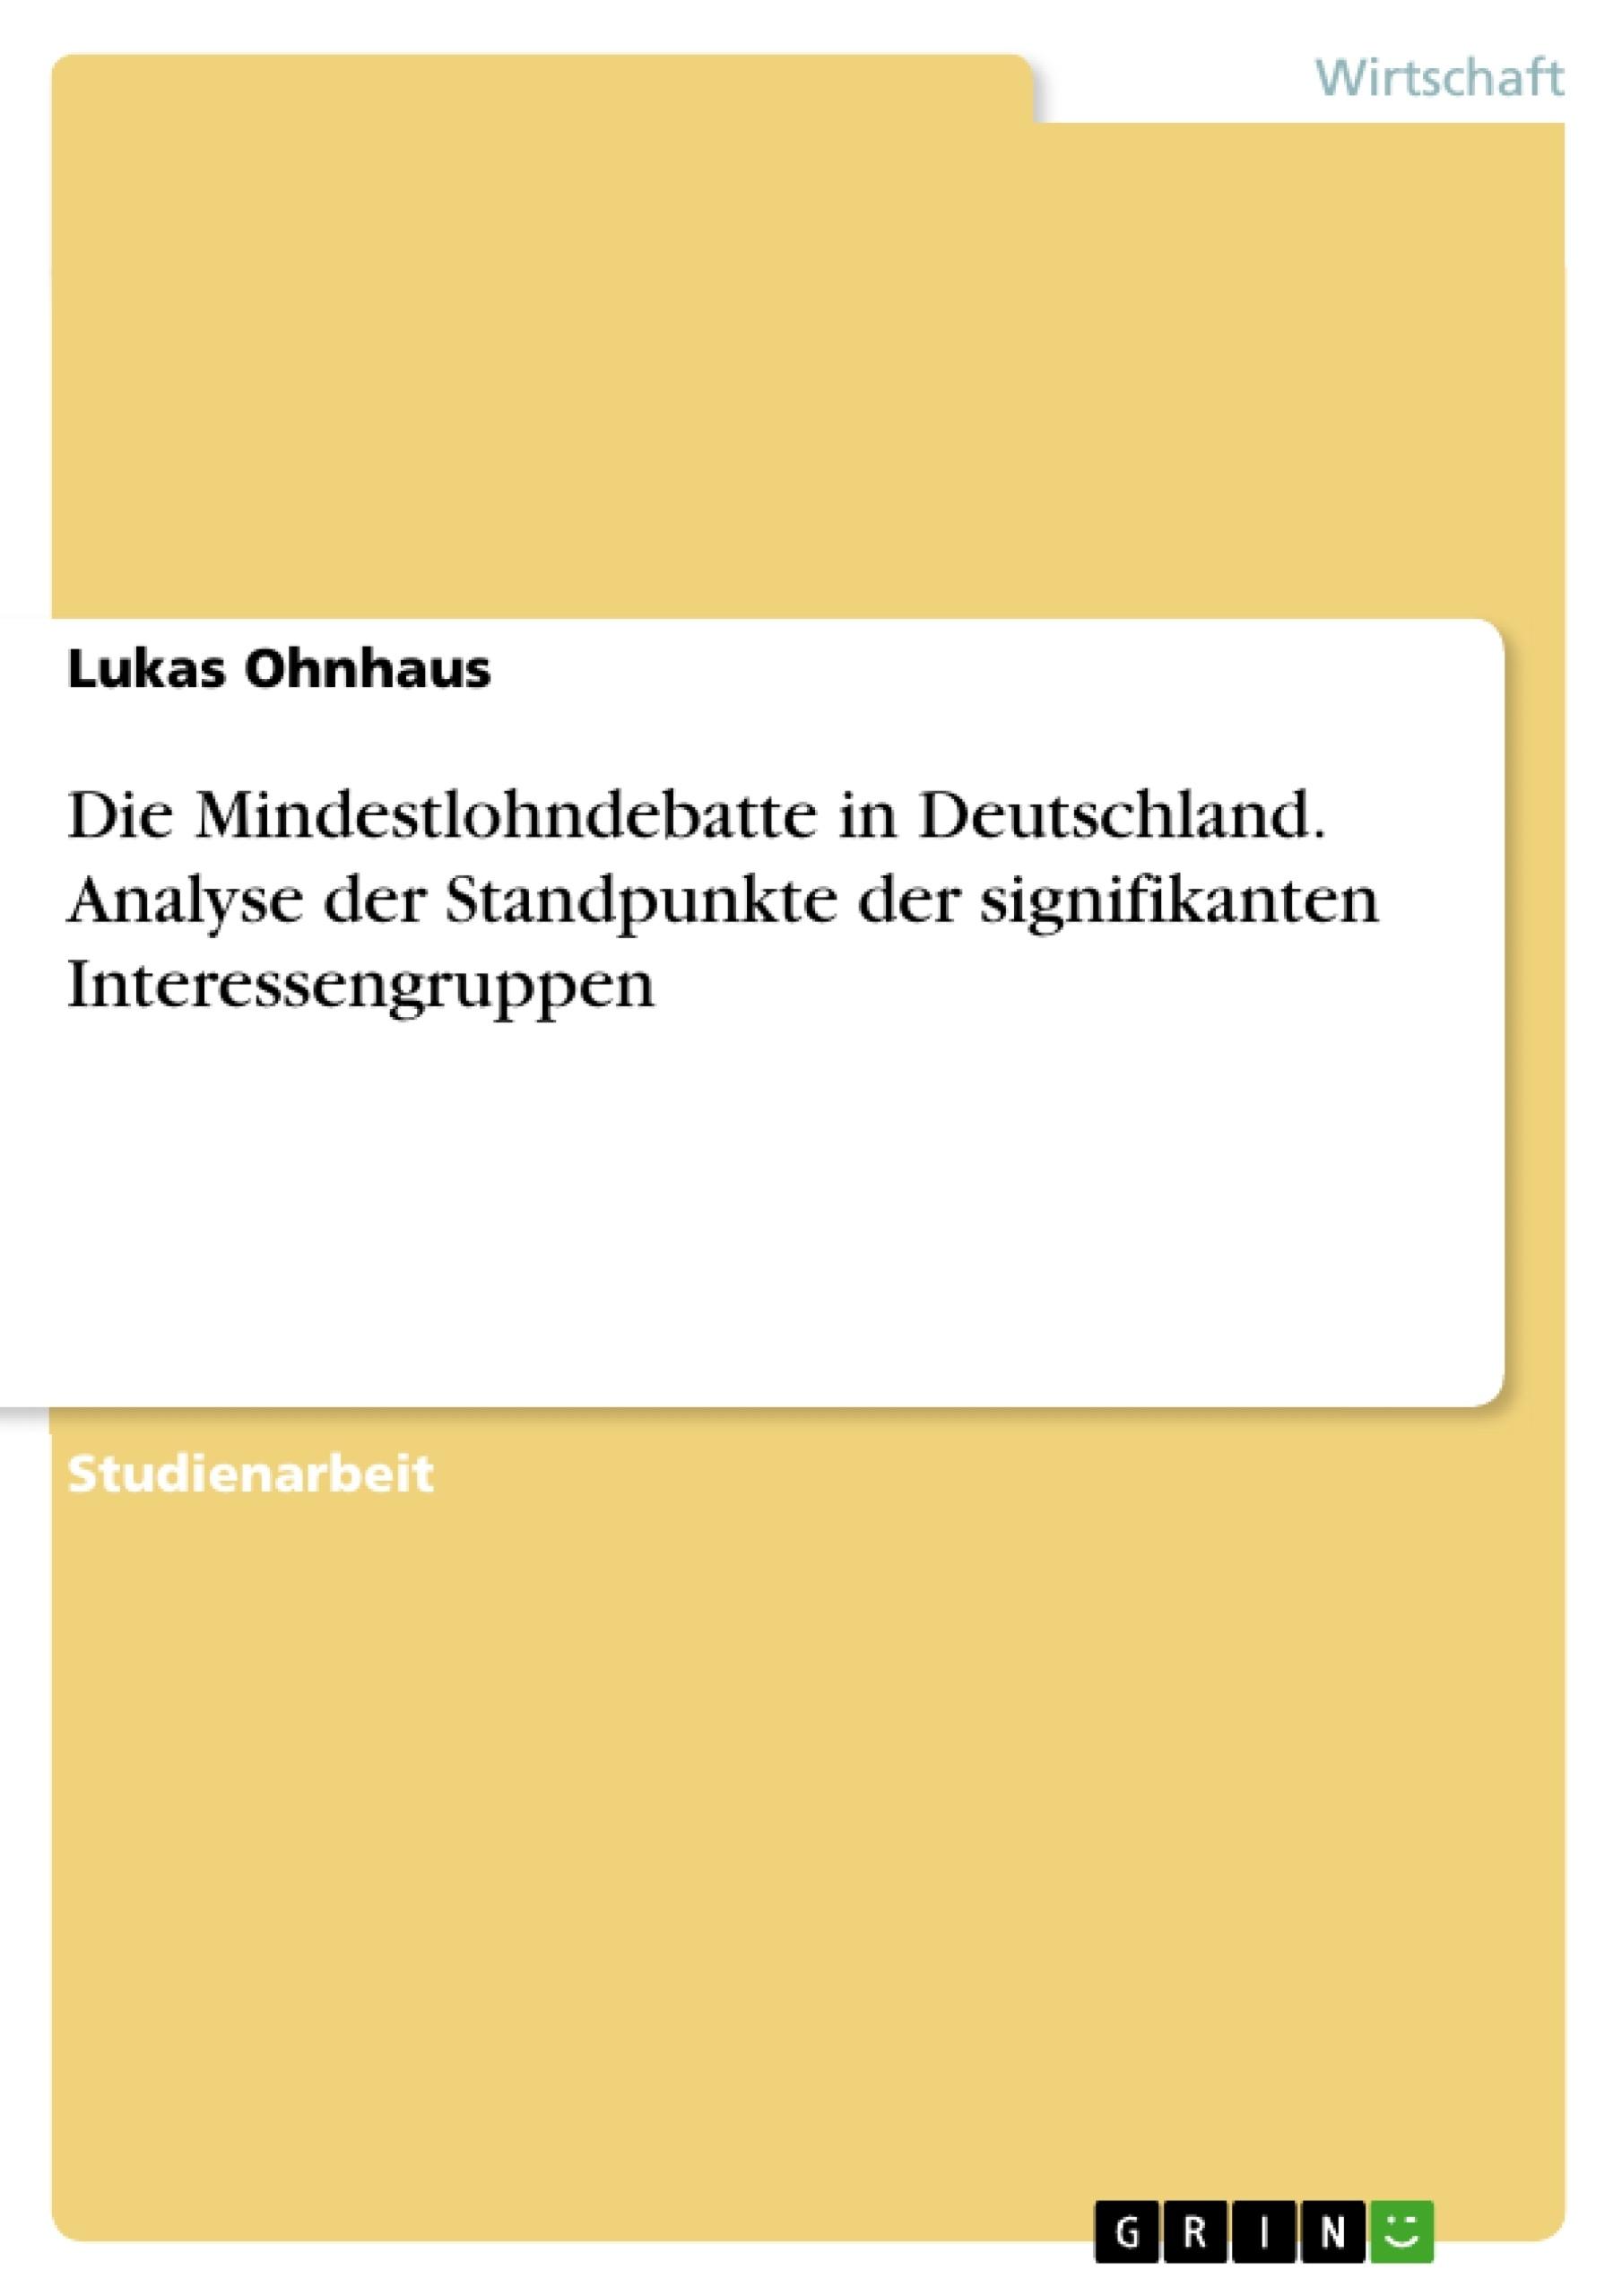 Titel: Die Mindestlohndebatte in Deutschland. Analyse der Standpunkte der signifikanten Interessengruppen